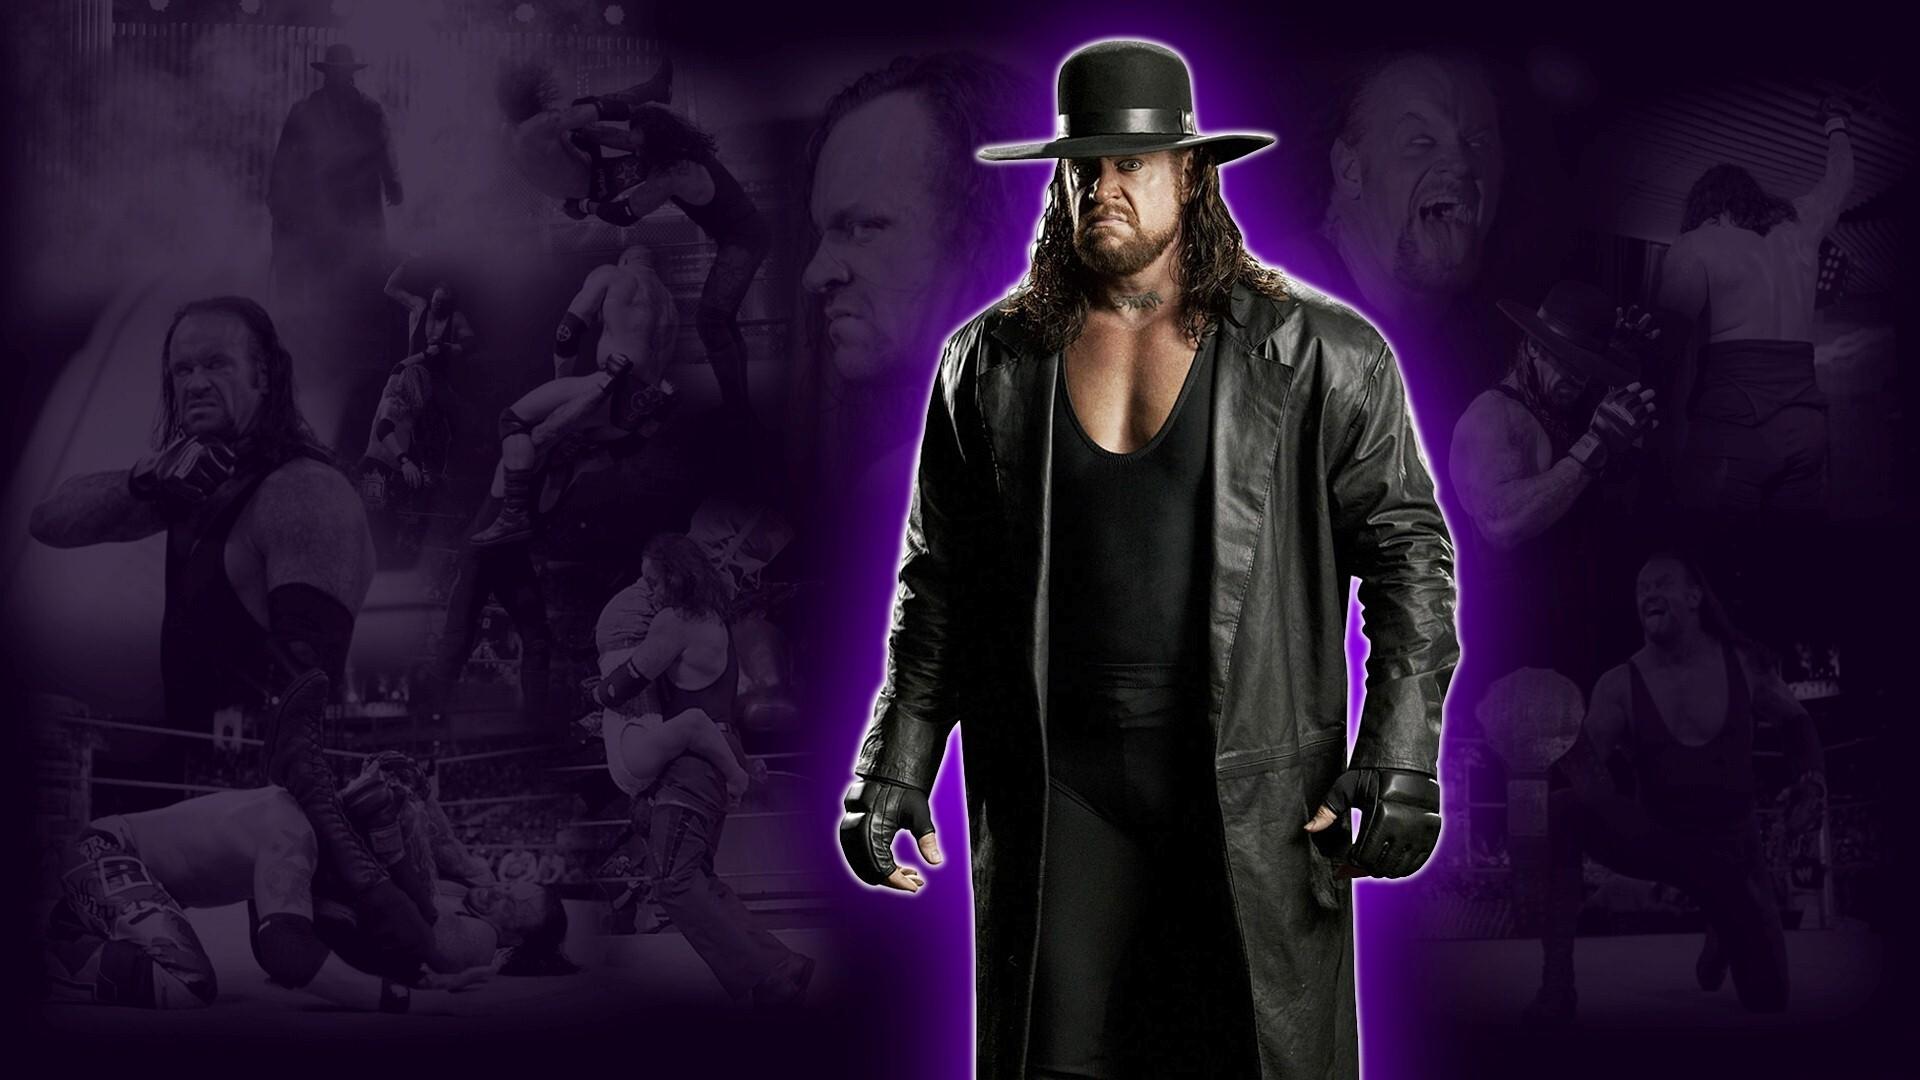 ... category wwe downloads 3444 tags undertaker wwe wrestler views 8837